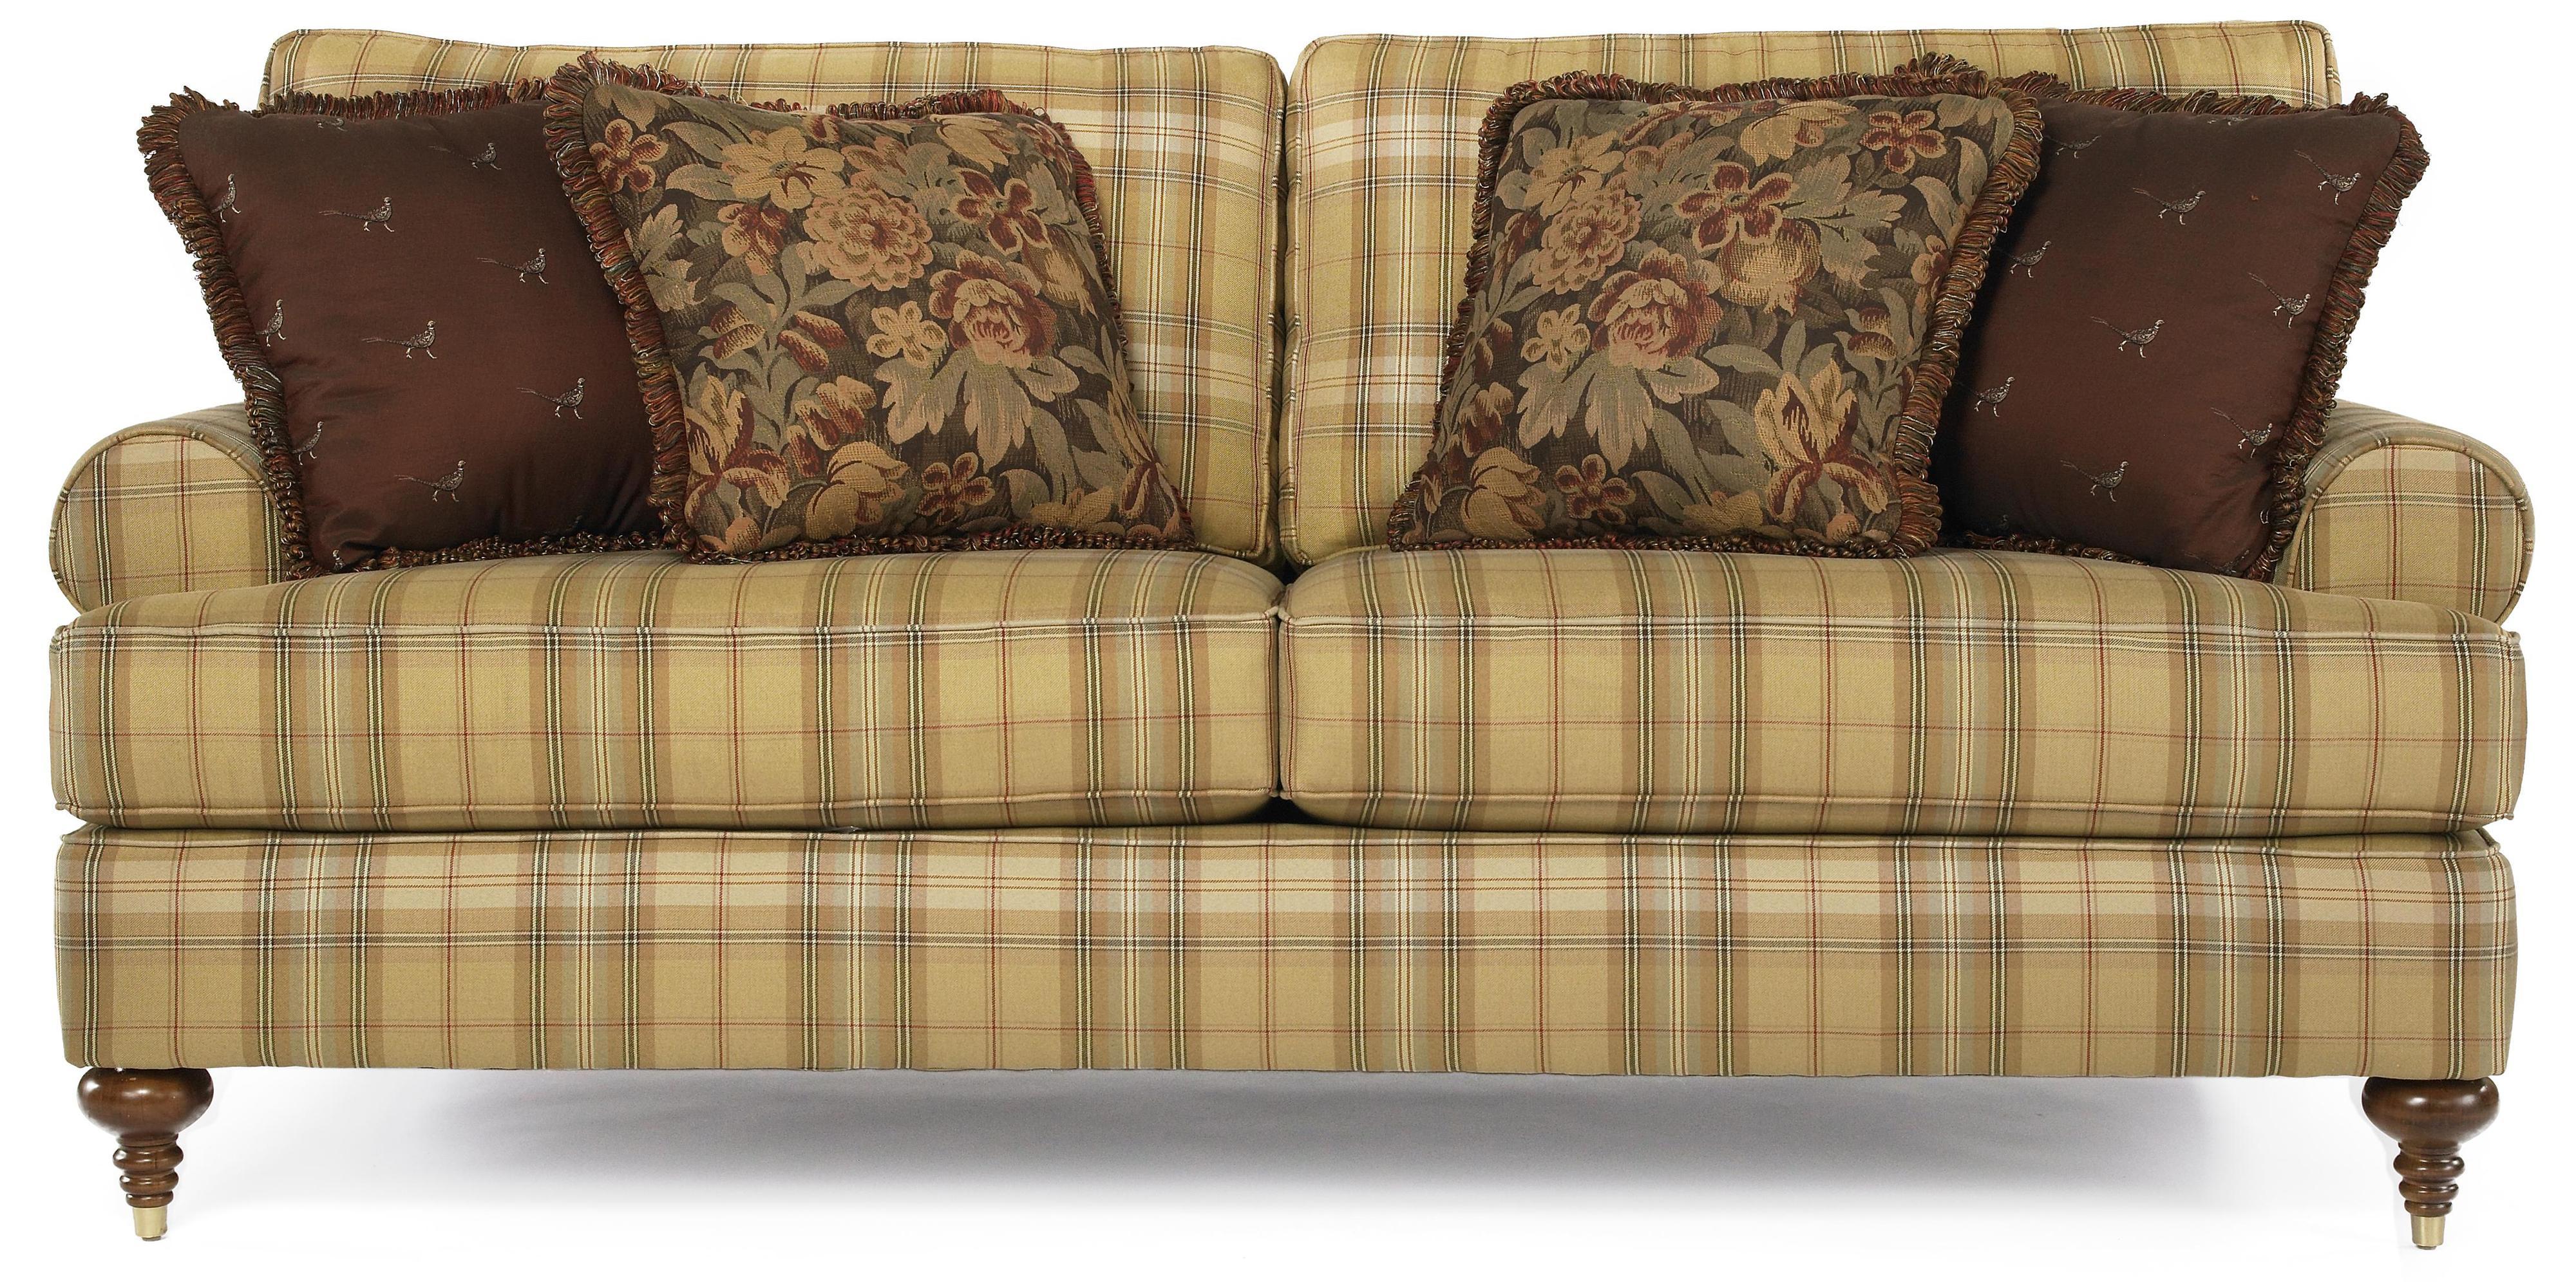 Tuscany Sofa by Kincaid Furniture at Johnny Janosik